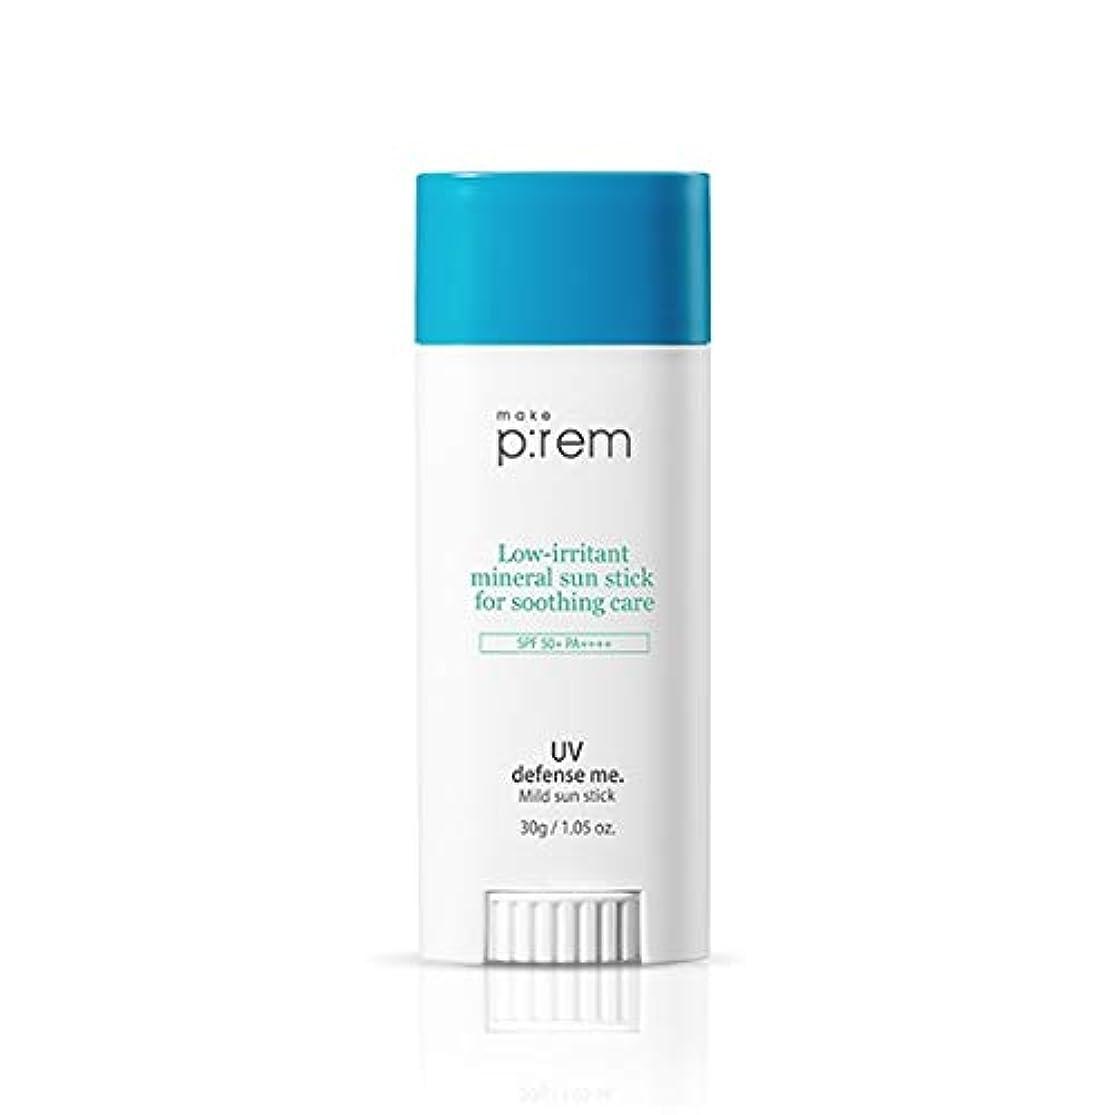 make prem 【メイクプレム】 UV ディフェンス ミ マイルドなサンスティック 30g SPF50+/PA++++ Make p:rem Mild sun stick